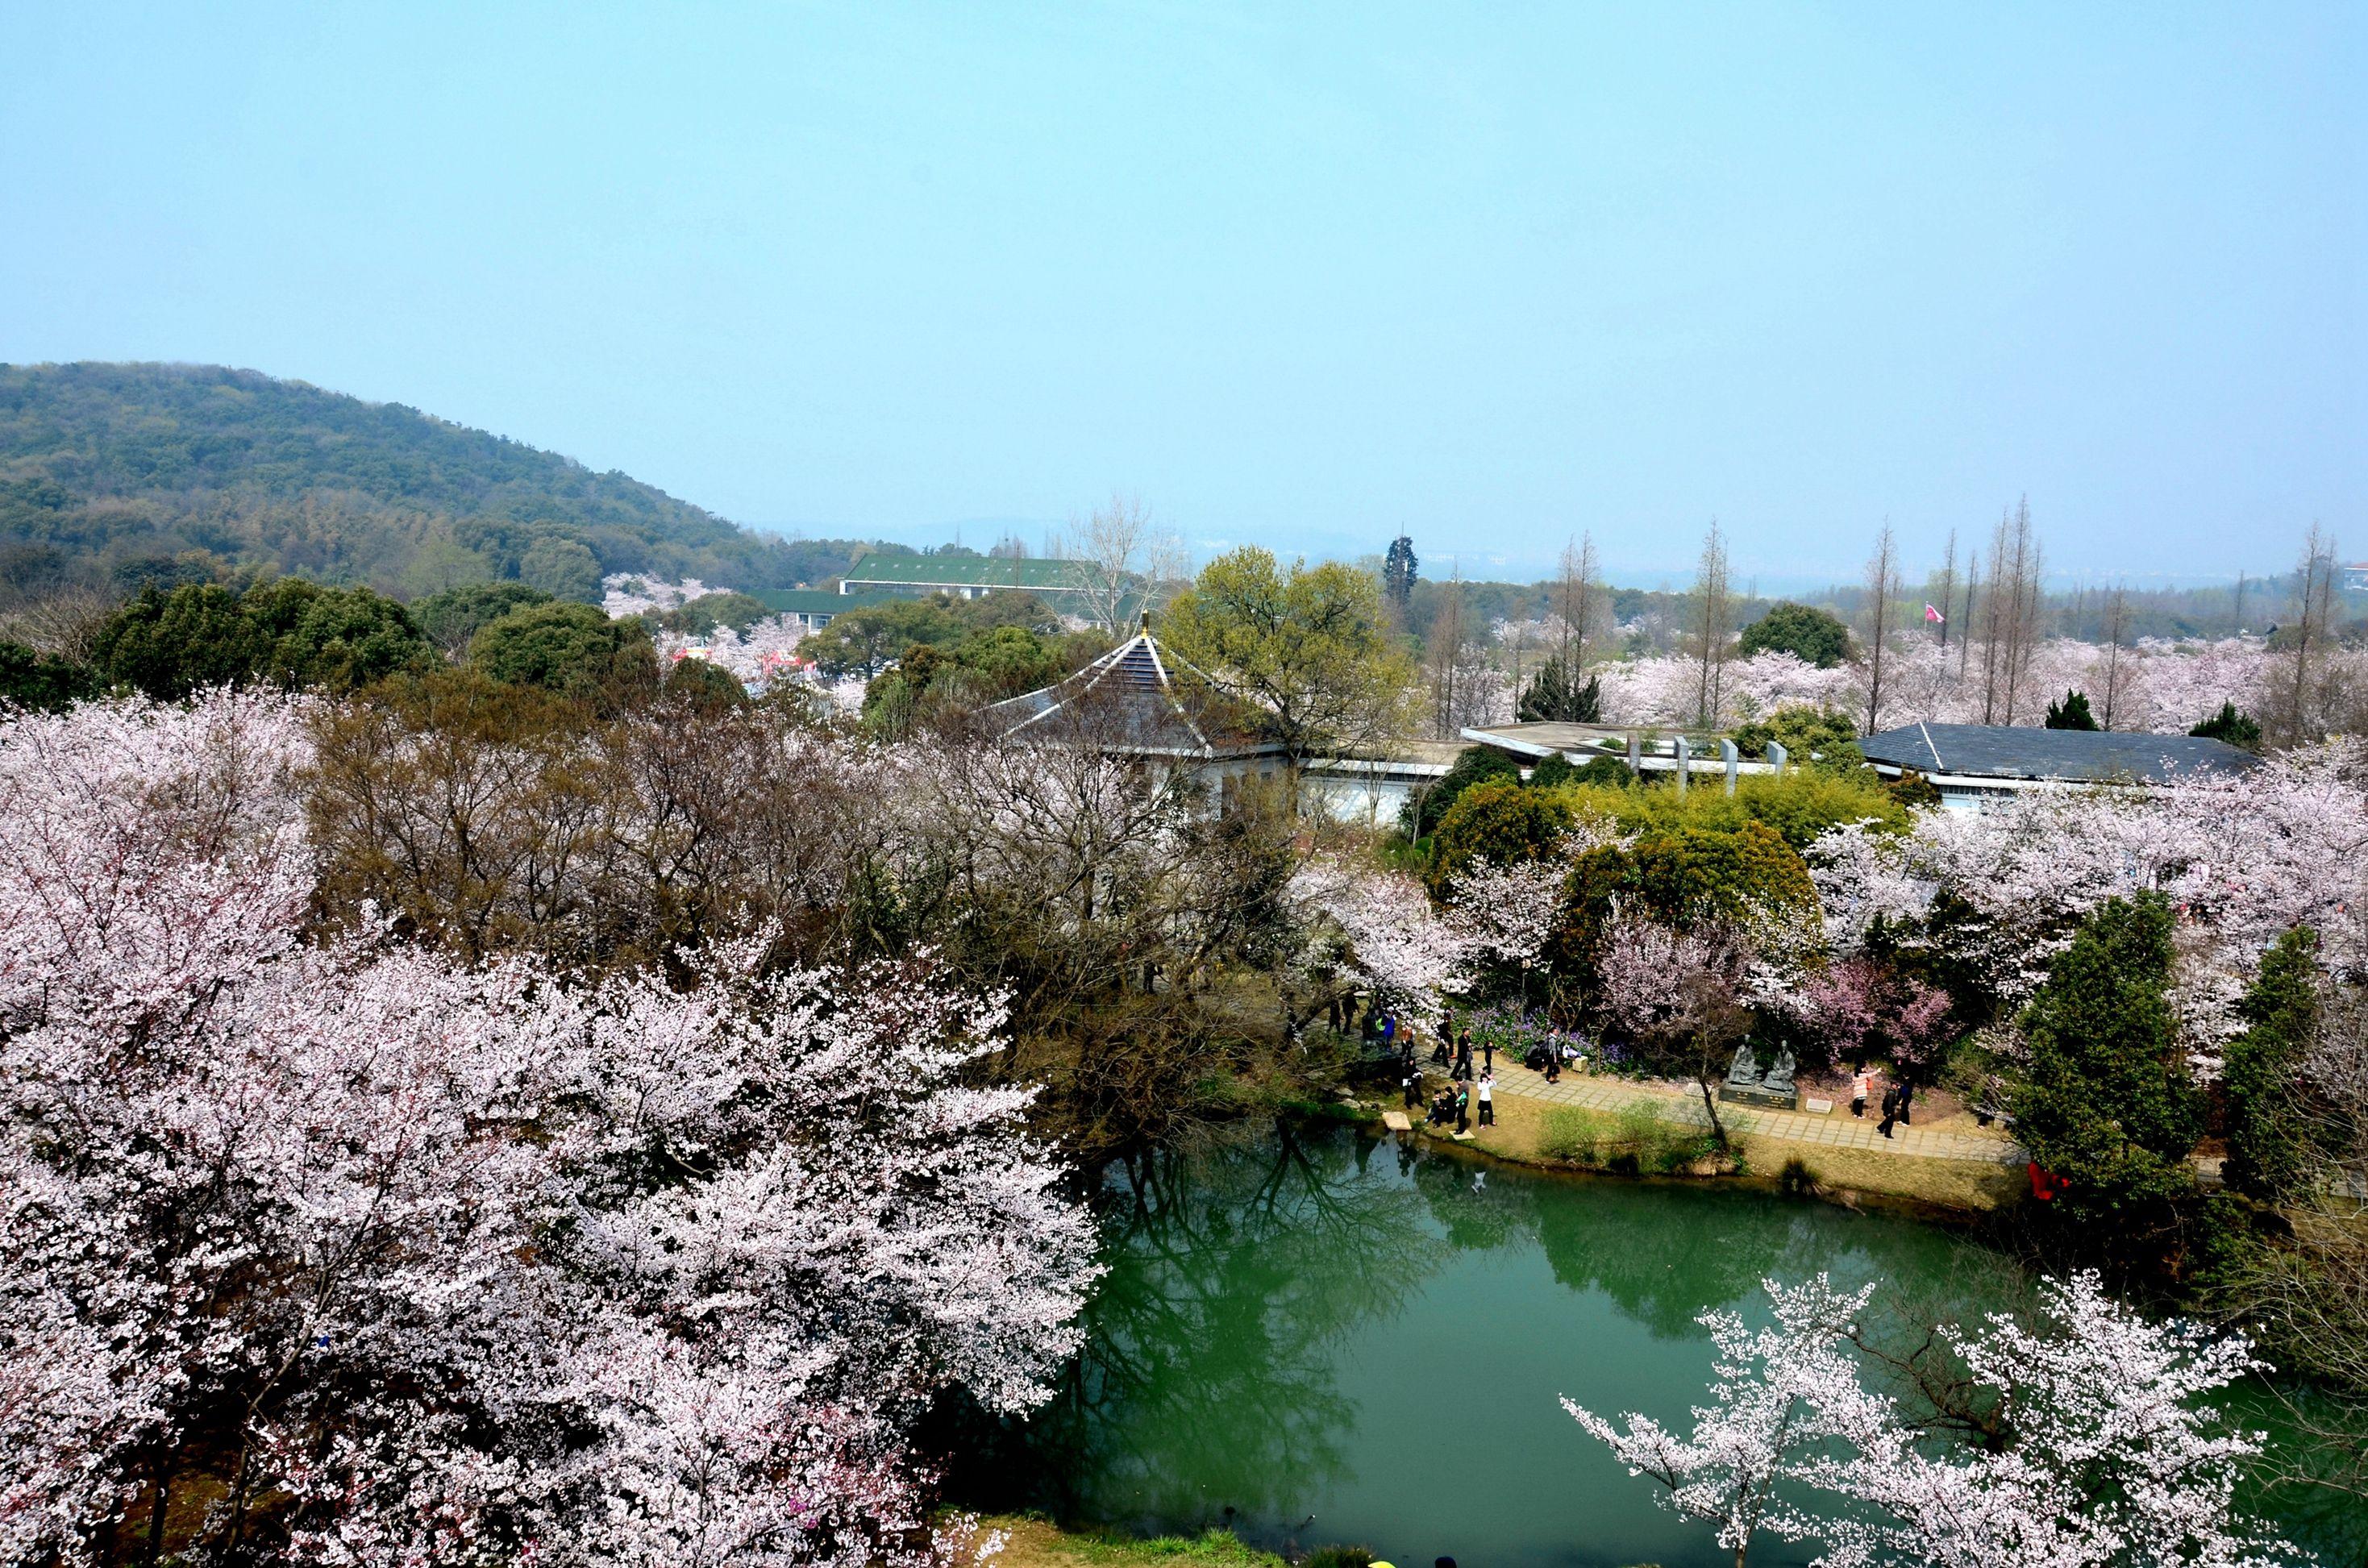 正值无锡举办每年一度的鼋头渚国际樱花节于是我们在驴妈妈上预定了图片